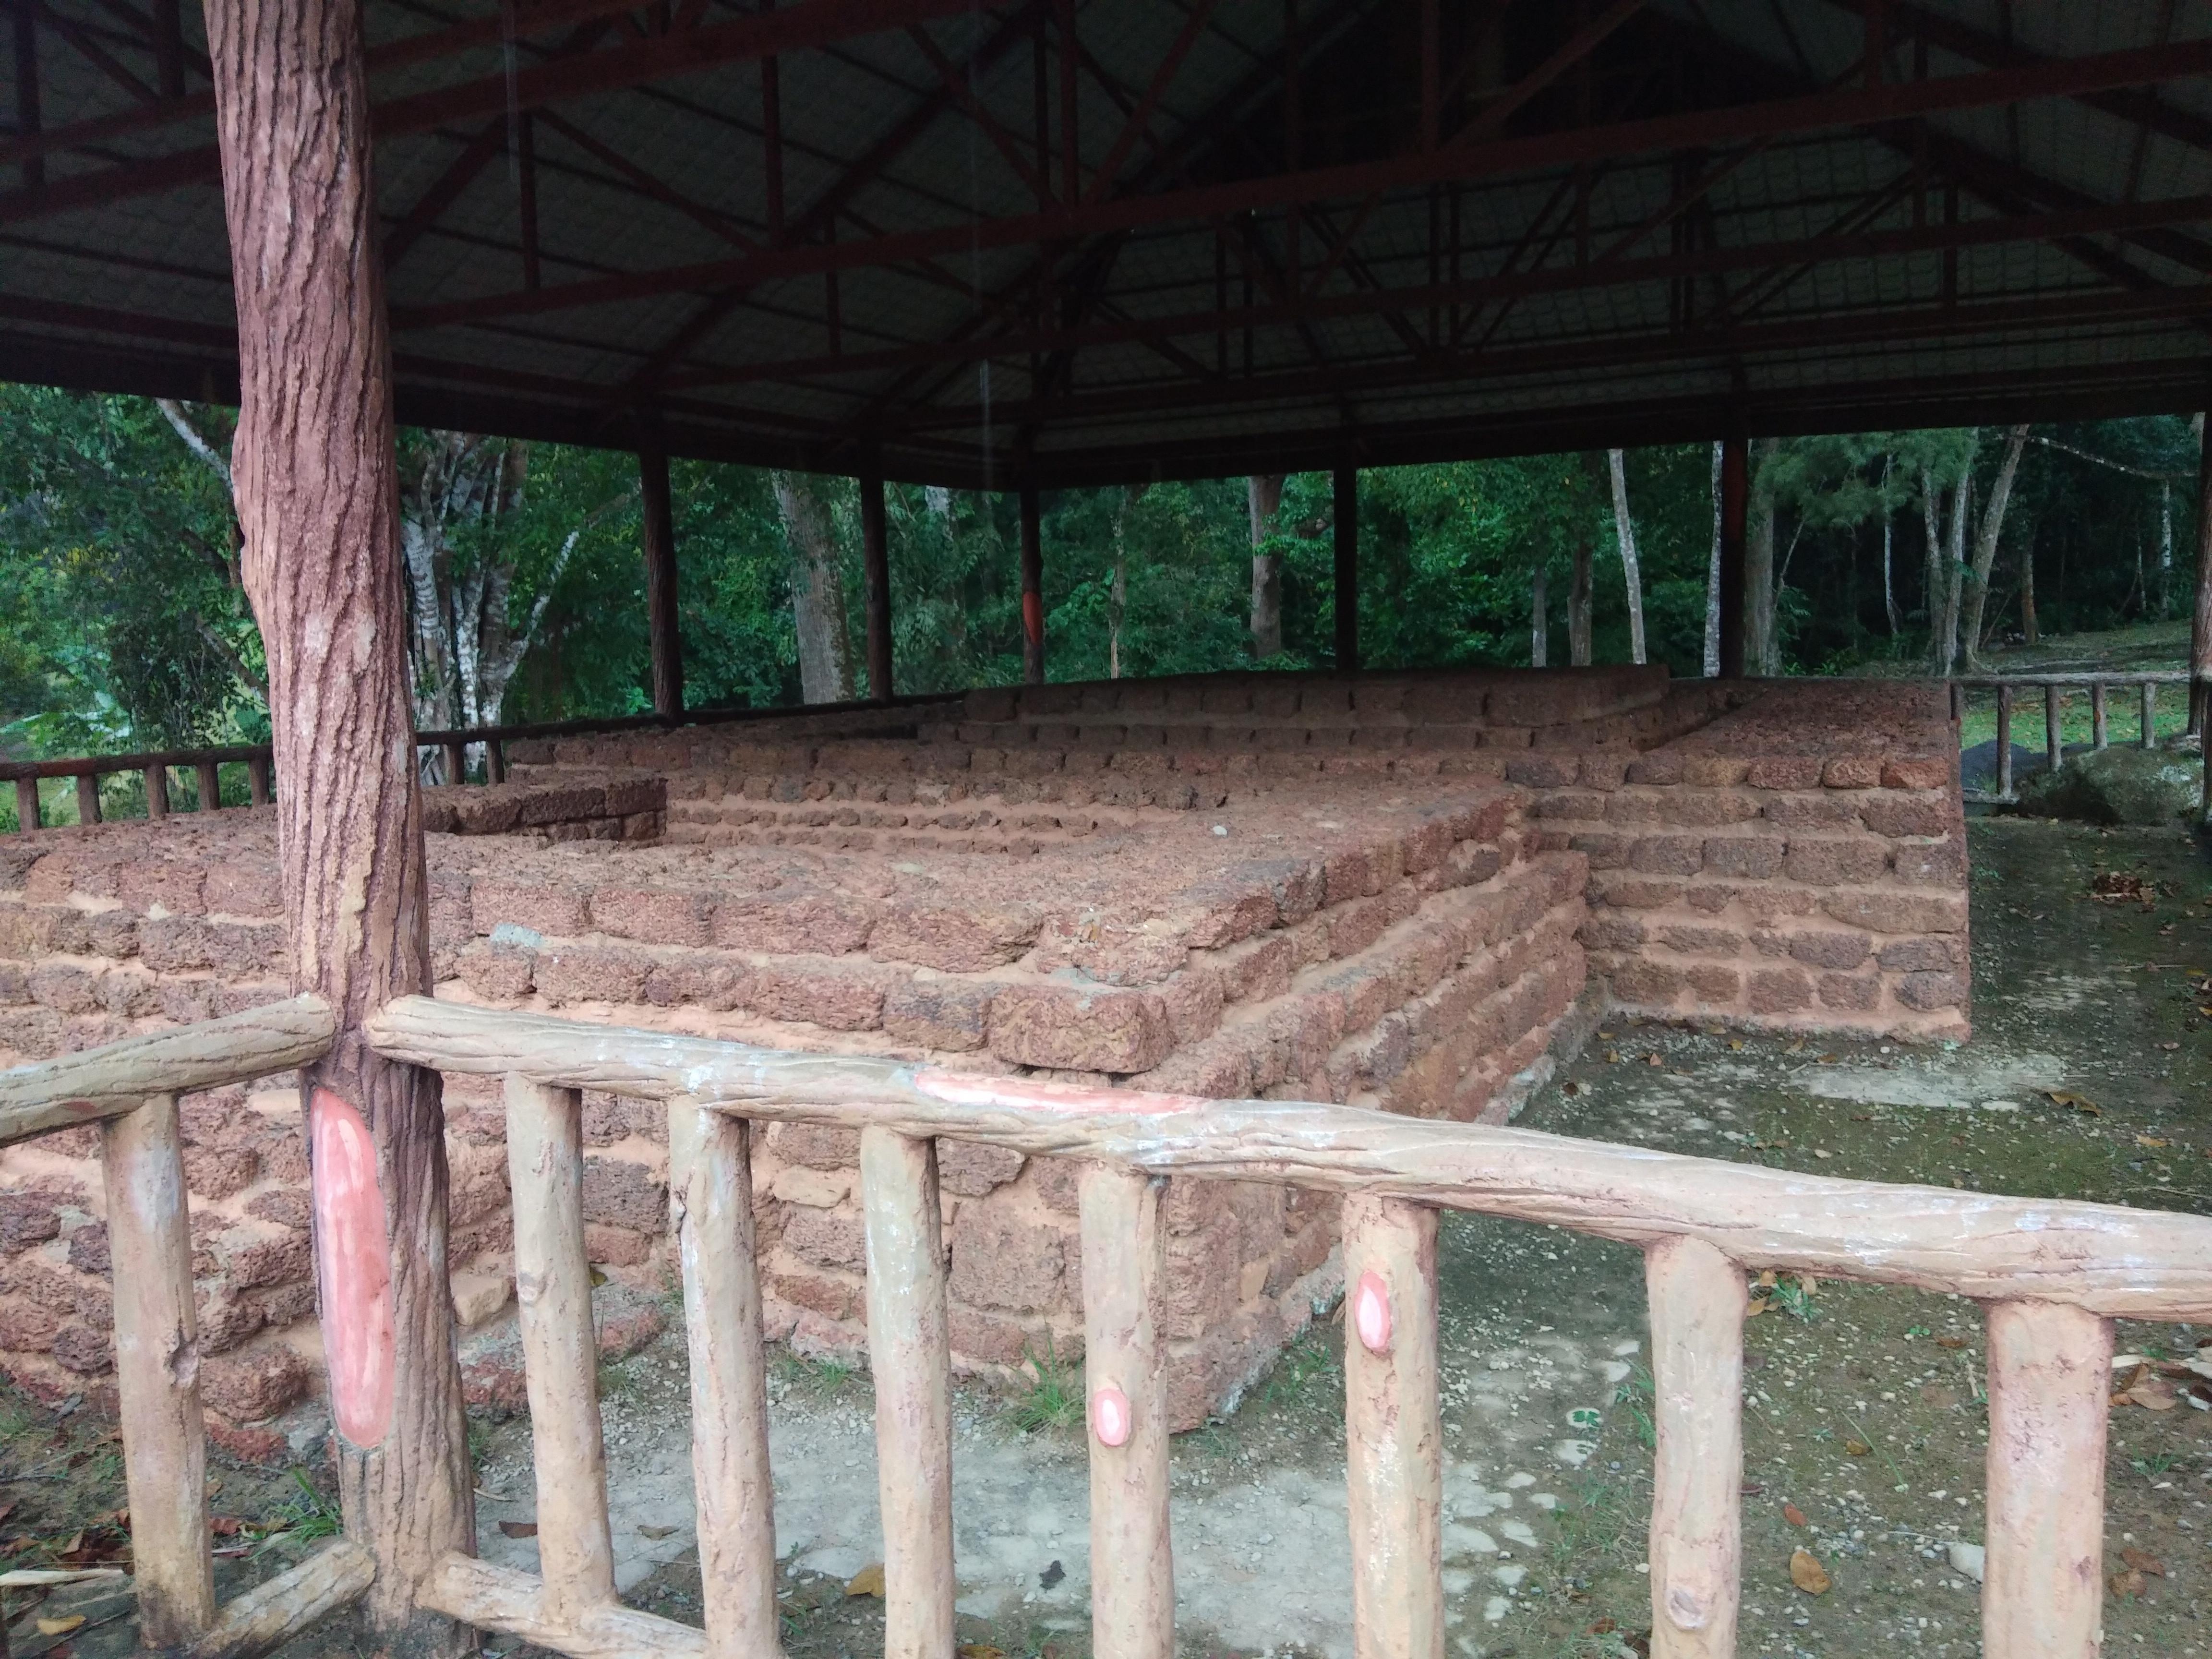 Salah satu candi di Muzium Arkeologi Lembah Bujang